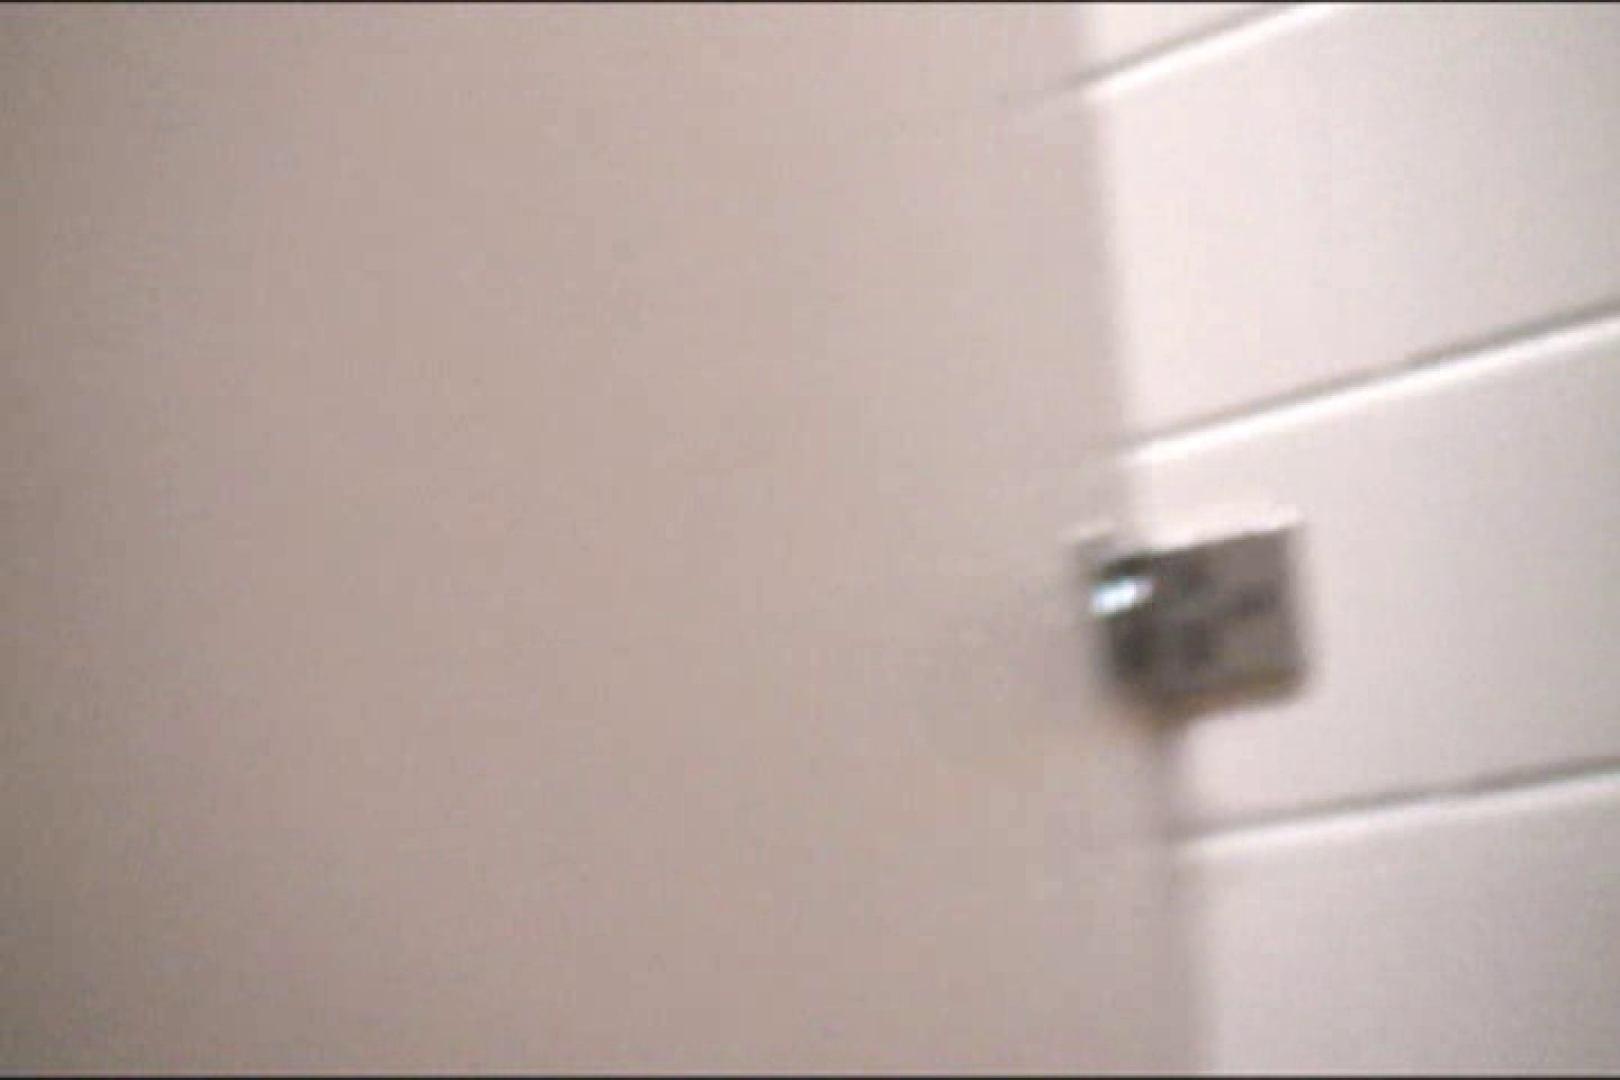 マンコ丸見え女子洗面所Vol.15 エロティックなOL おまんこ無修正動画無料 101画像 92